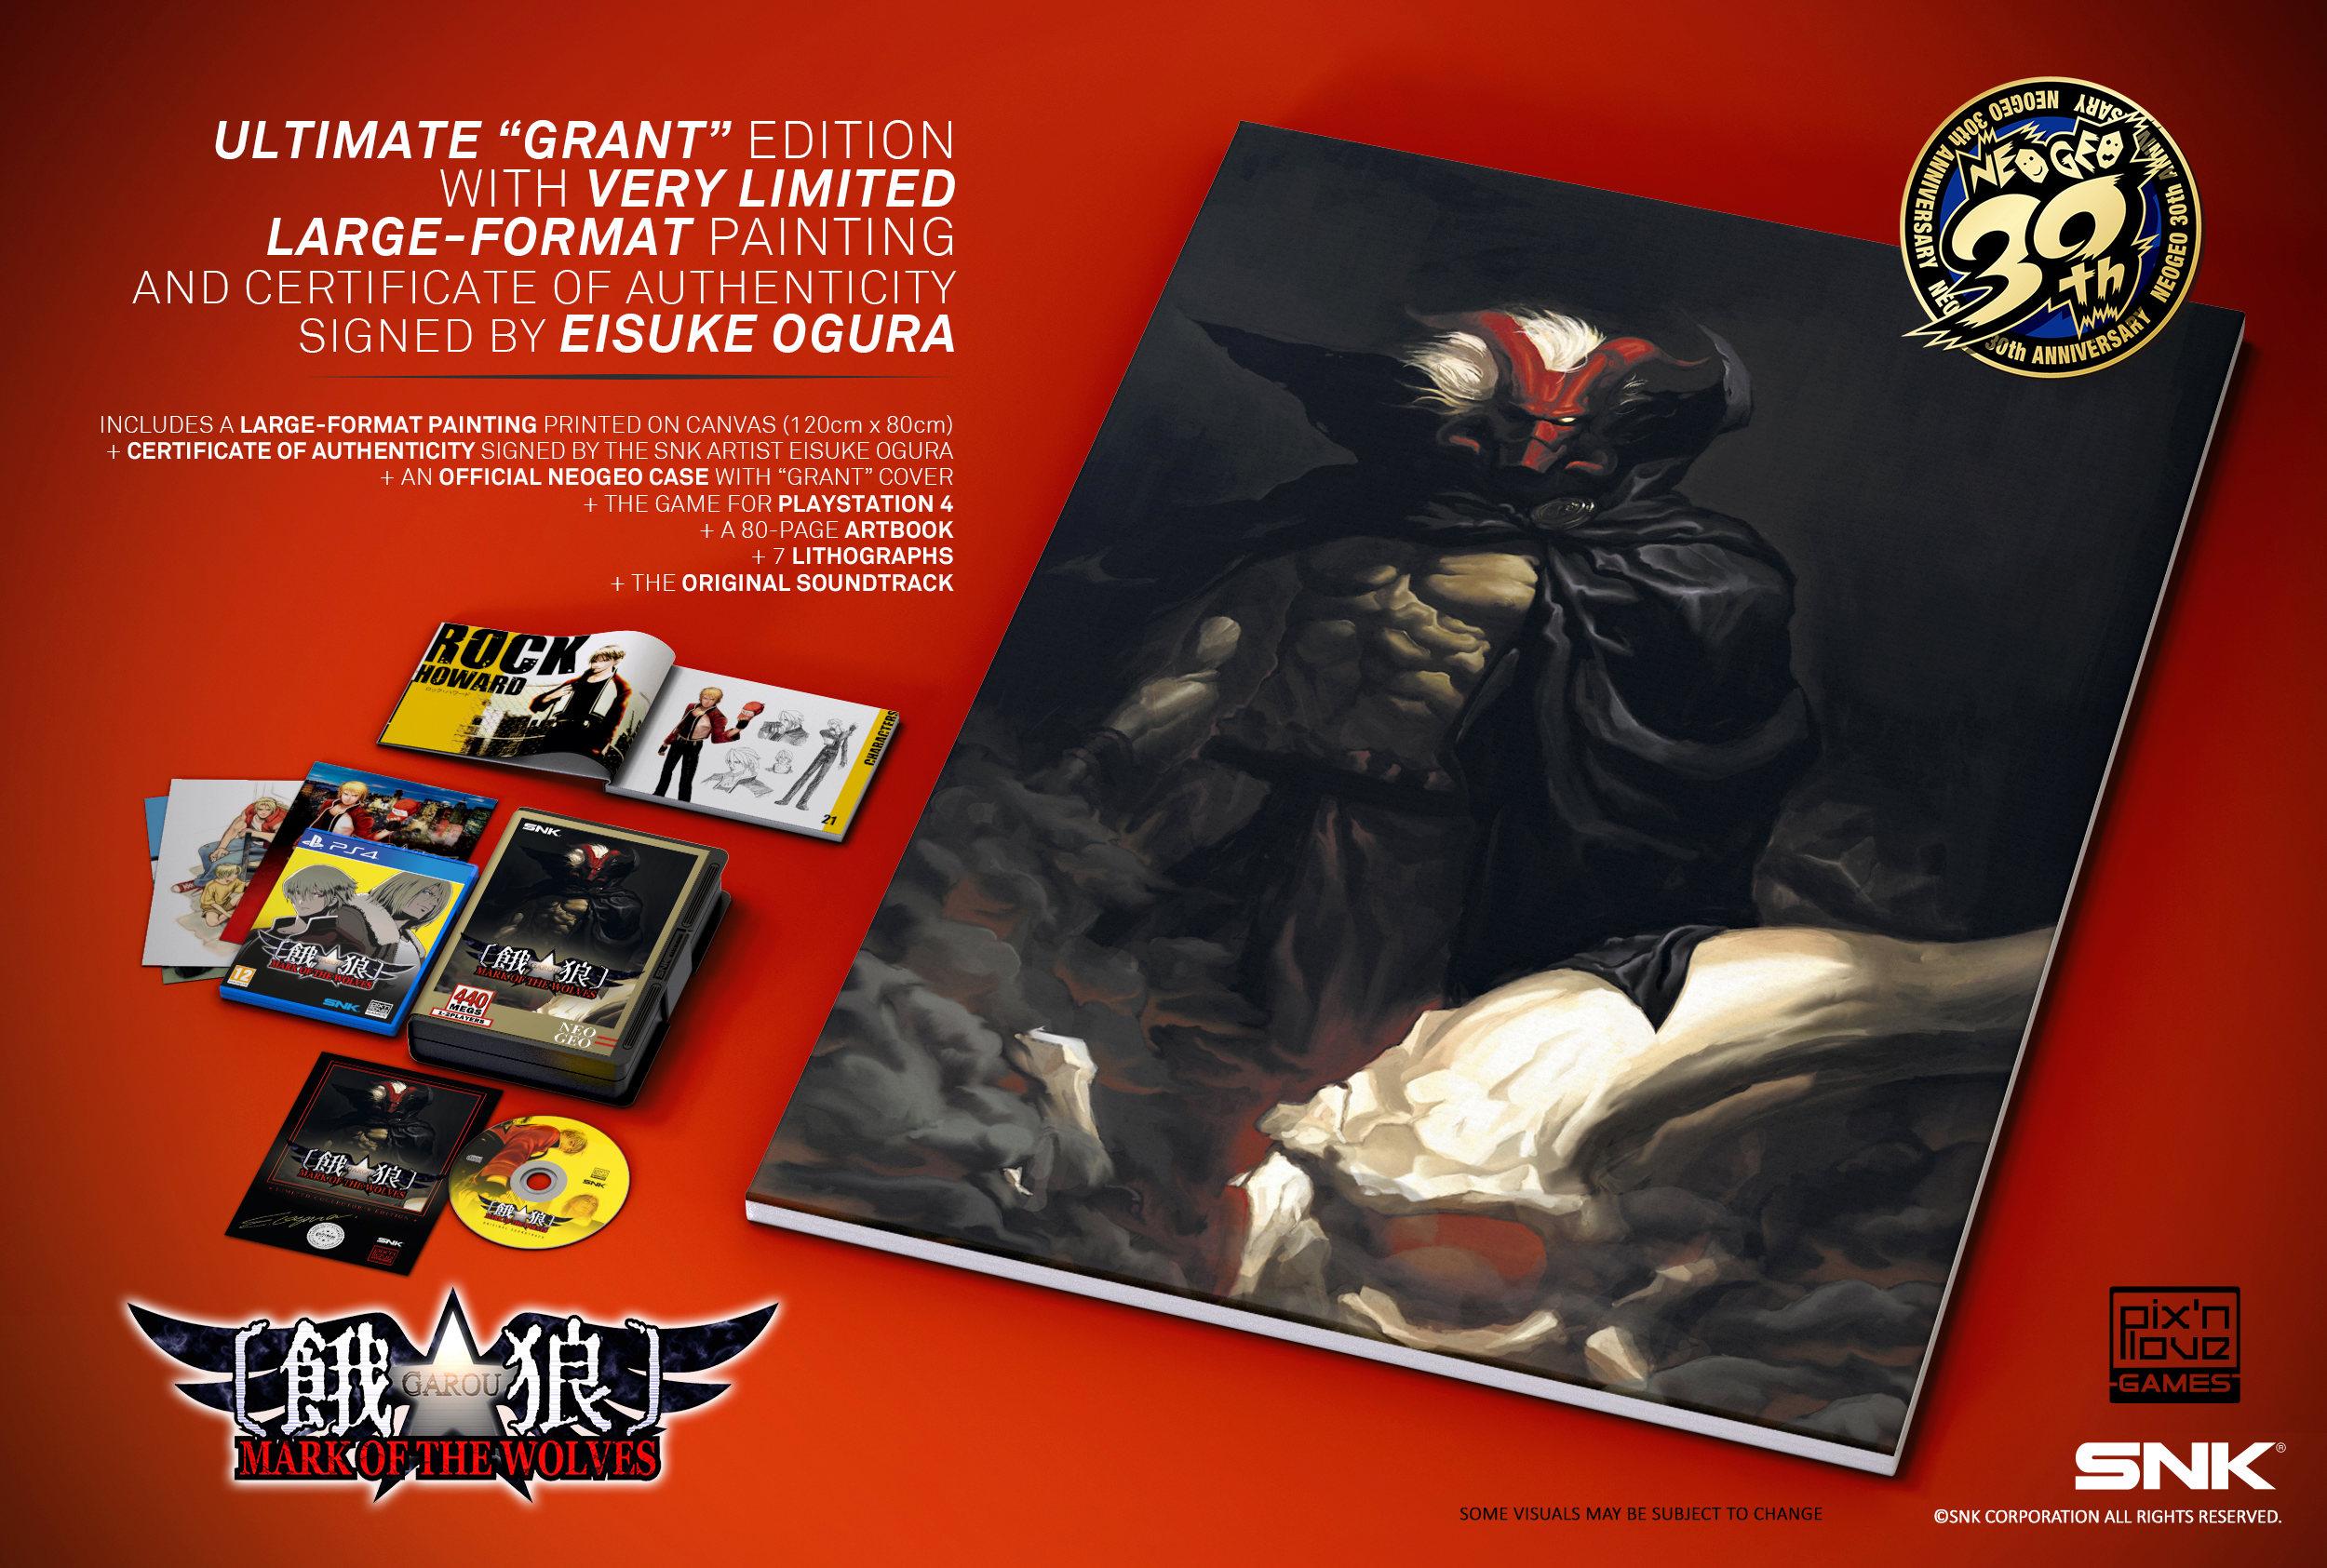 Pix'n Love va publier l'édition européenne de GAROU MARK OF THE WOLVES sur PS4 Ecbpm_12